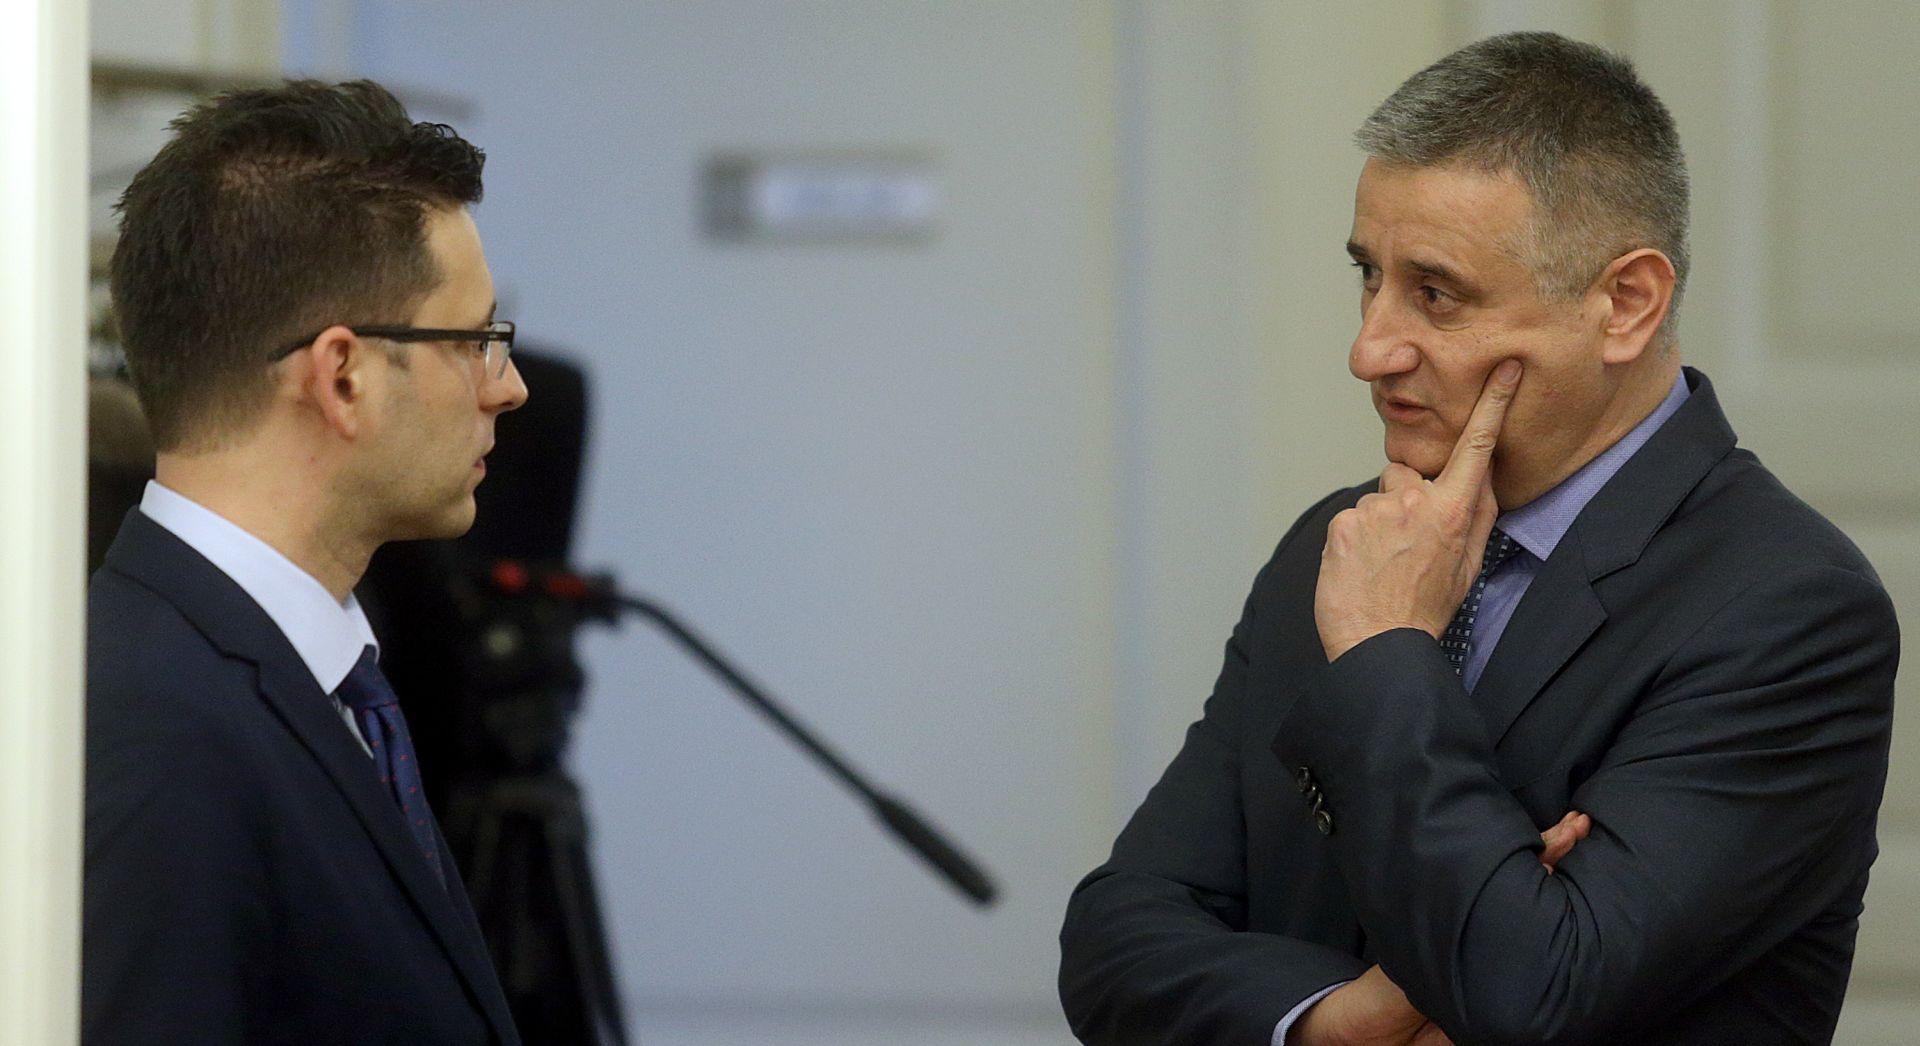 """ULTIMATUMI MOSTU IZ HDZ-A Petrov: """"Nisu trebali potpisivati sporazum ako su se mislili tako ponašati"""""""